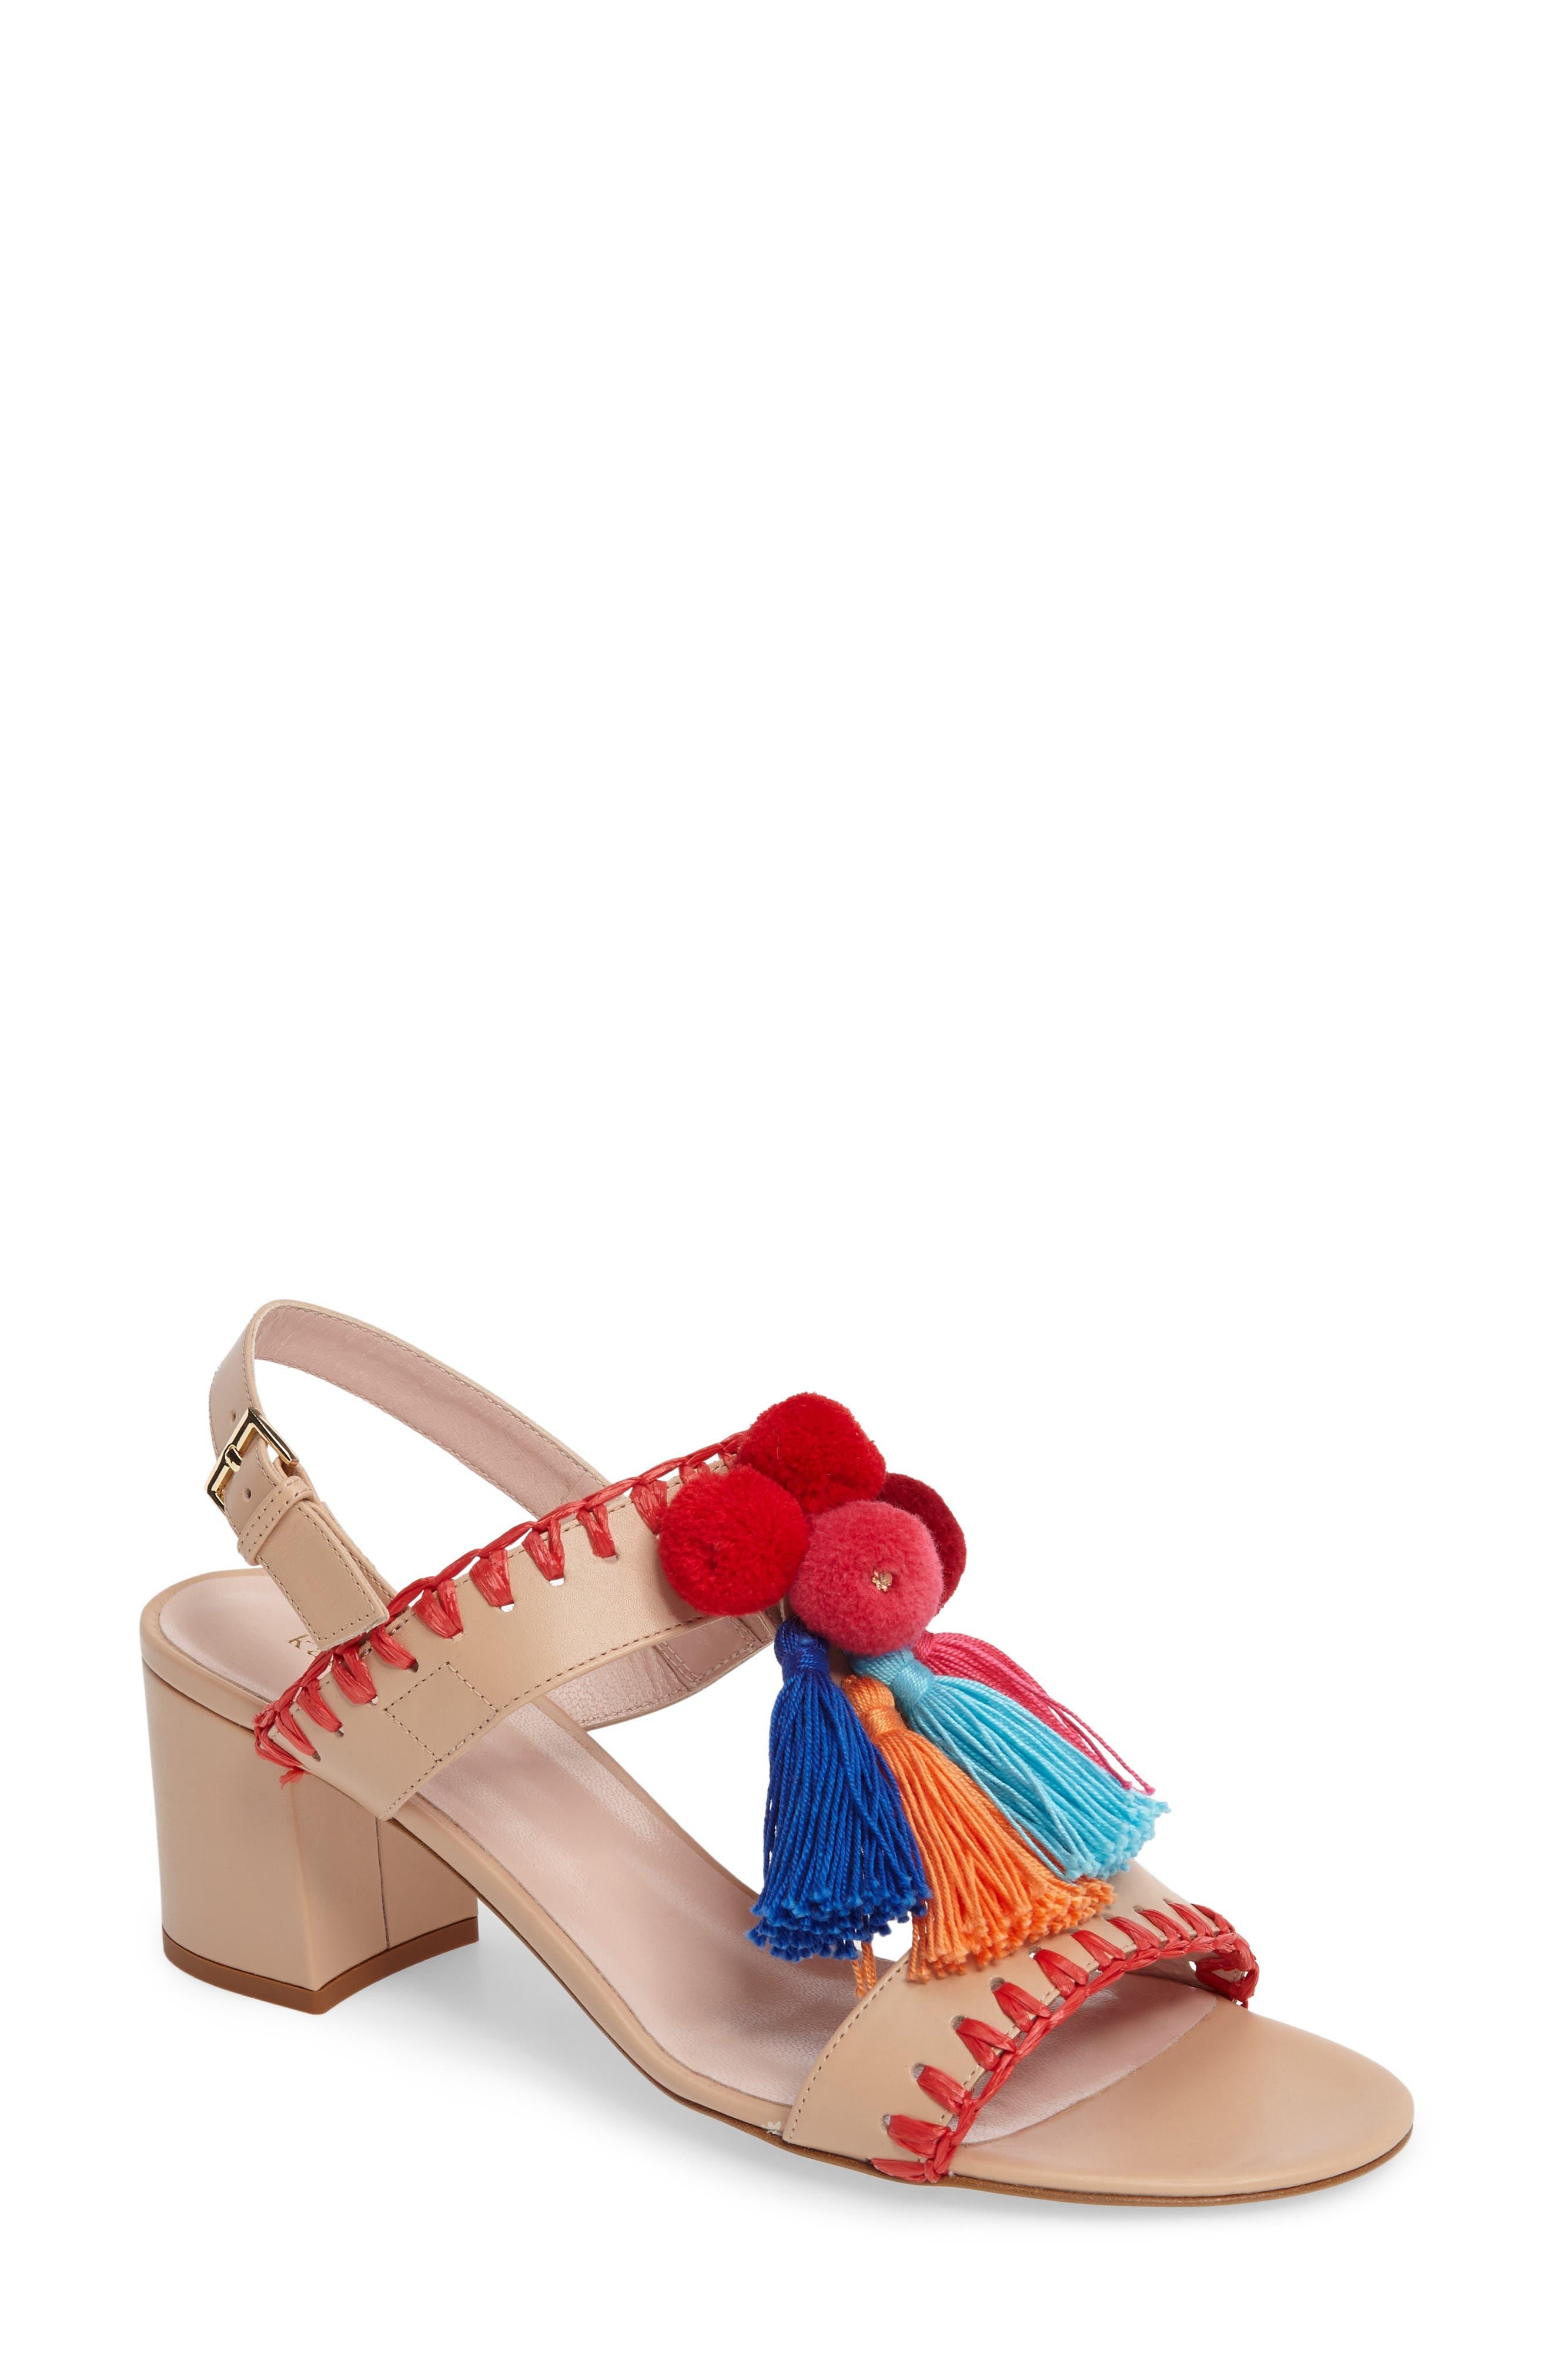 Main Image - kate spade new york mcdougal pom tassel sandal (Women)